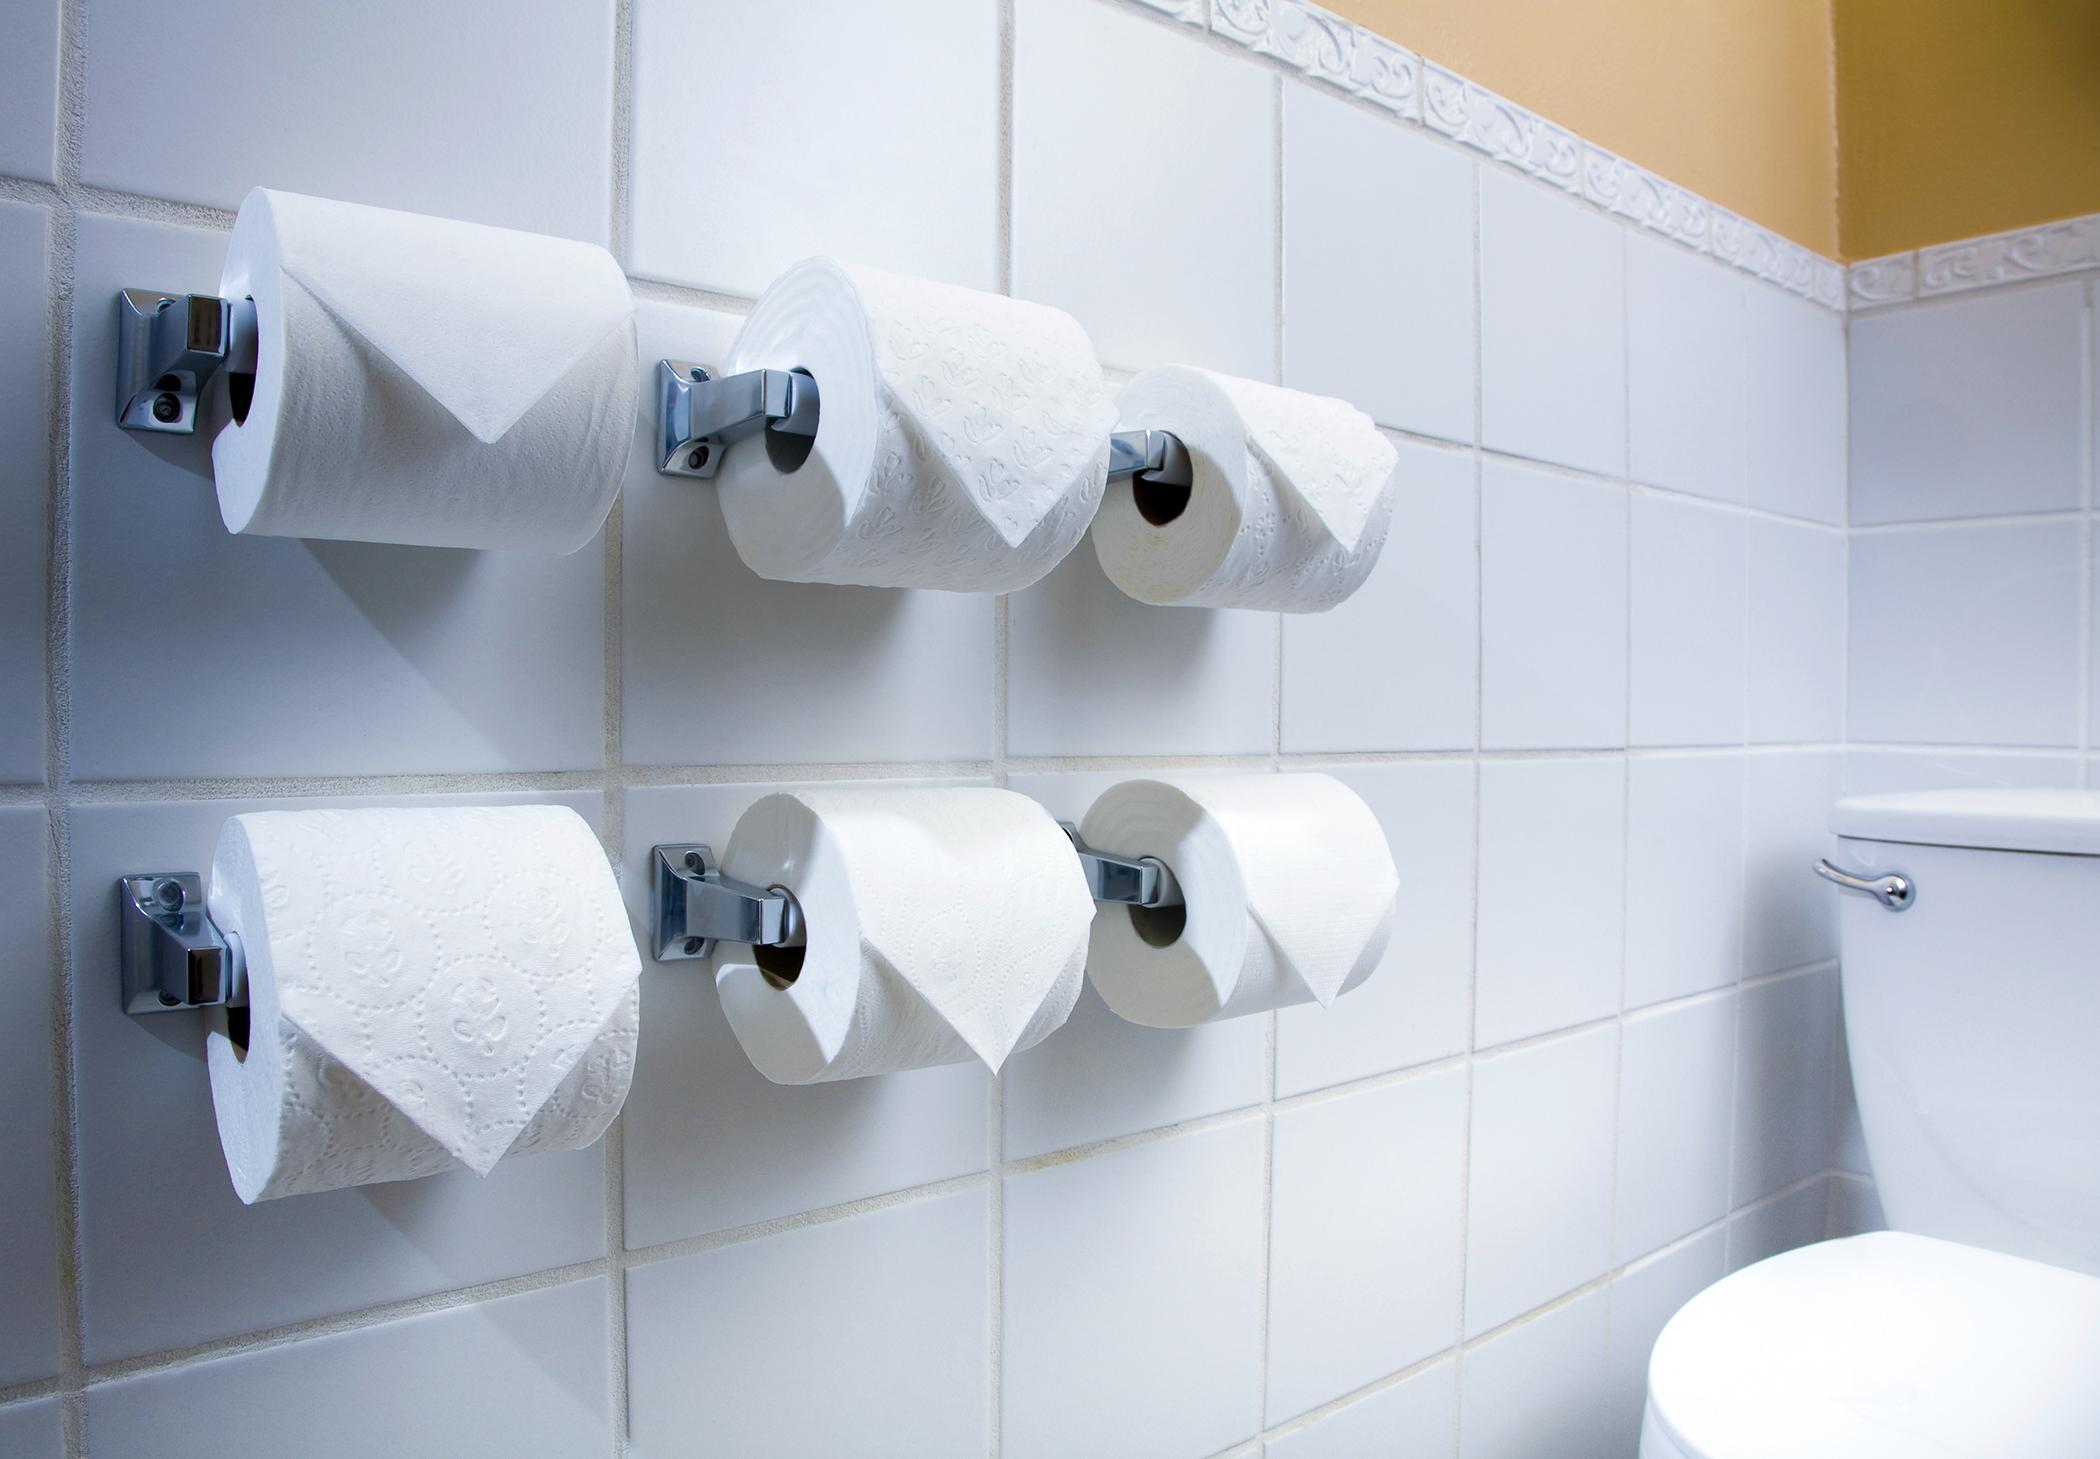 toilet paper rolls in public restroom